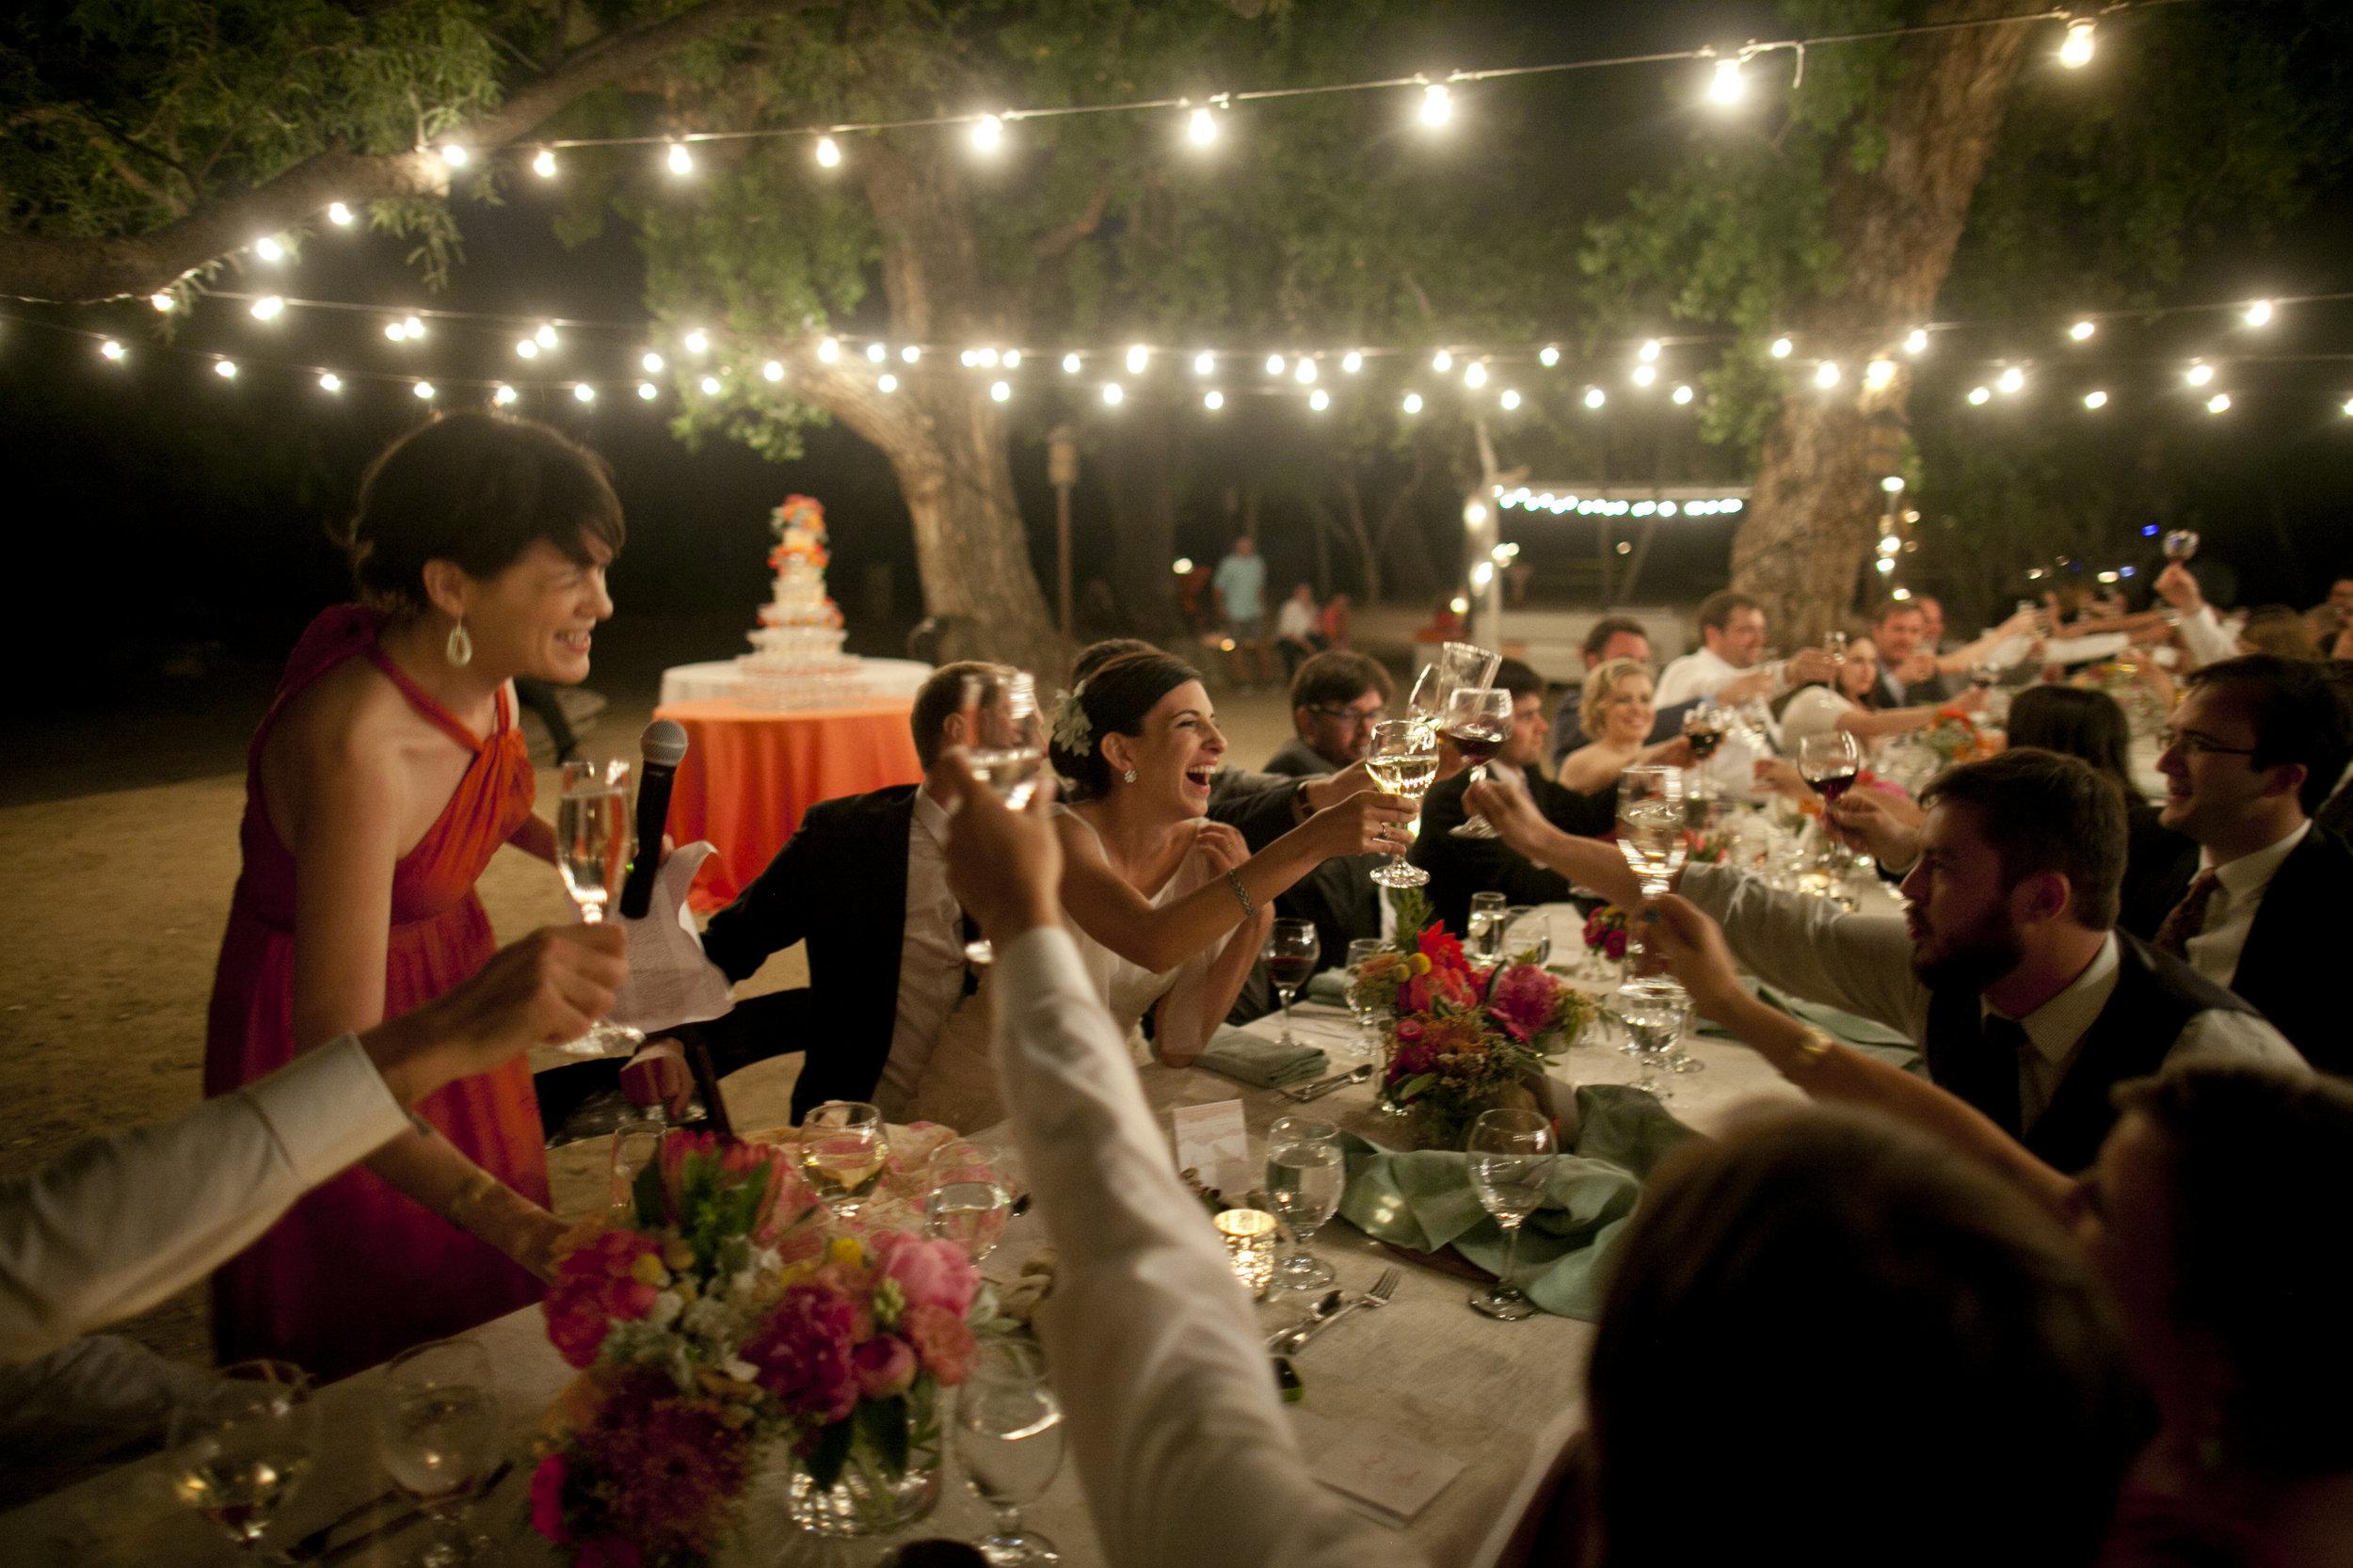 Ceci_New_York_Ceci_Style_Ceci_Johnson_Luxury_Lifestyle_Arizona_Wedding_Watercolor_Inspiration_Design_Custom_Couture_Personalized_Invitations_198.jpg